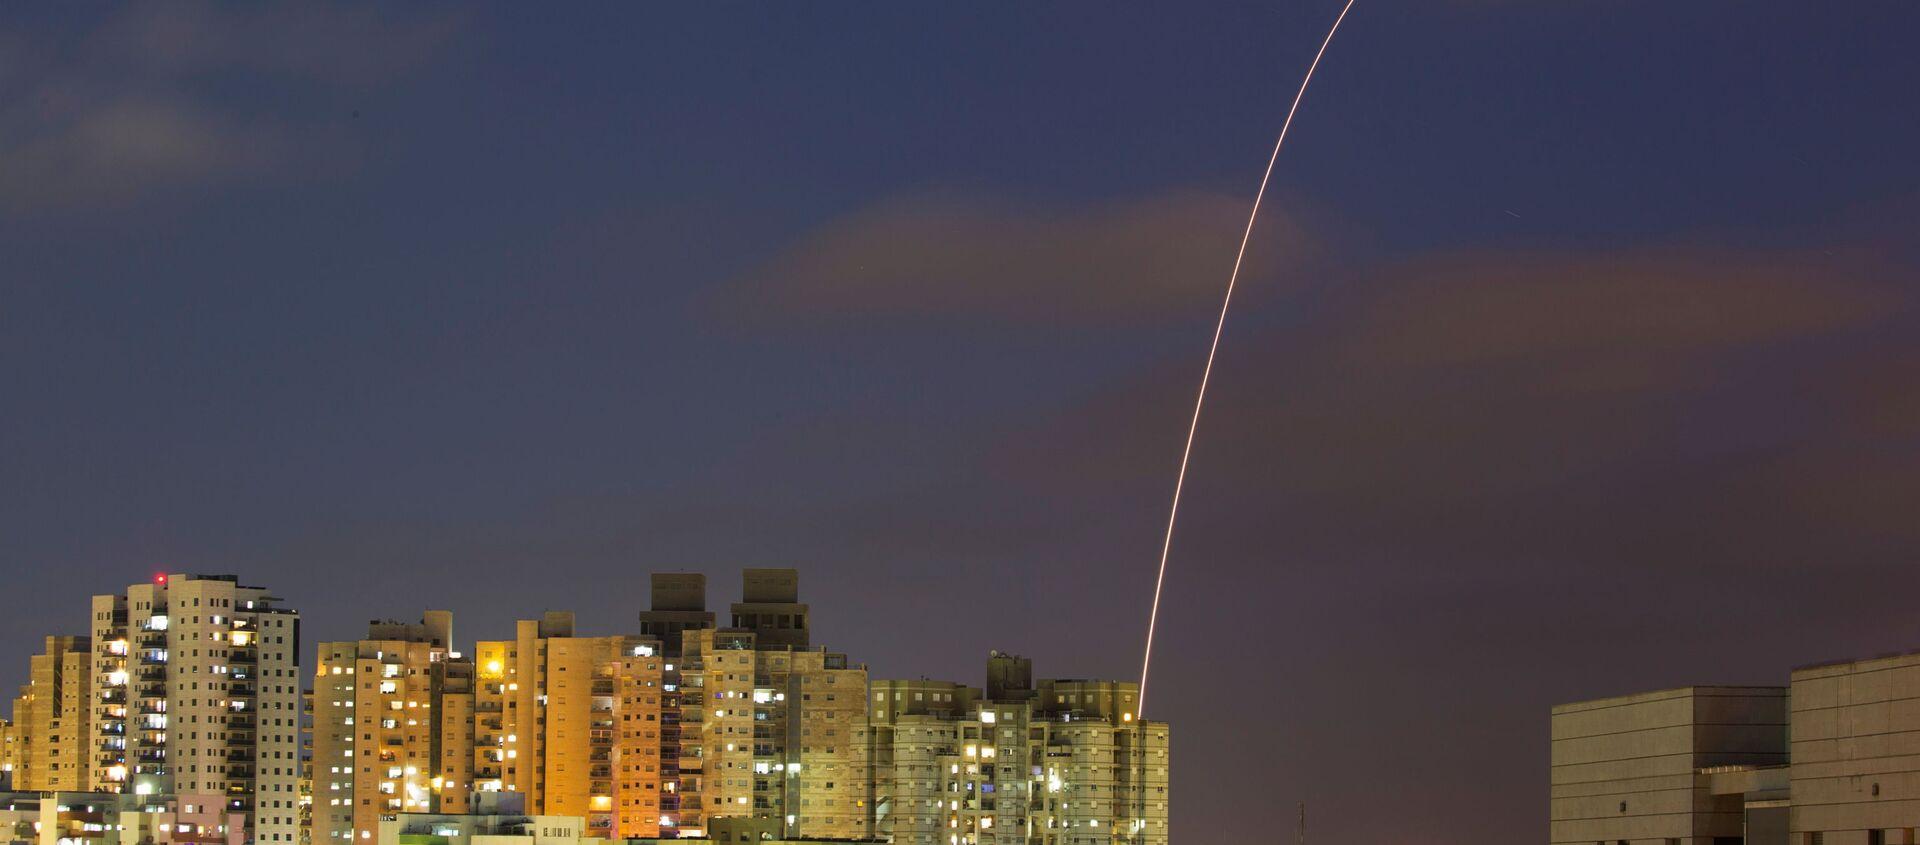 Izraelski system antyrakietowy Żelazna Kopuła próbuje przechwycić pociski wystrzelone ze Strefy Gazy w kierunku Izraela - Sputnik Polska, 1920, 18.05.2021